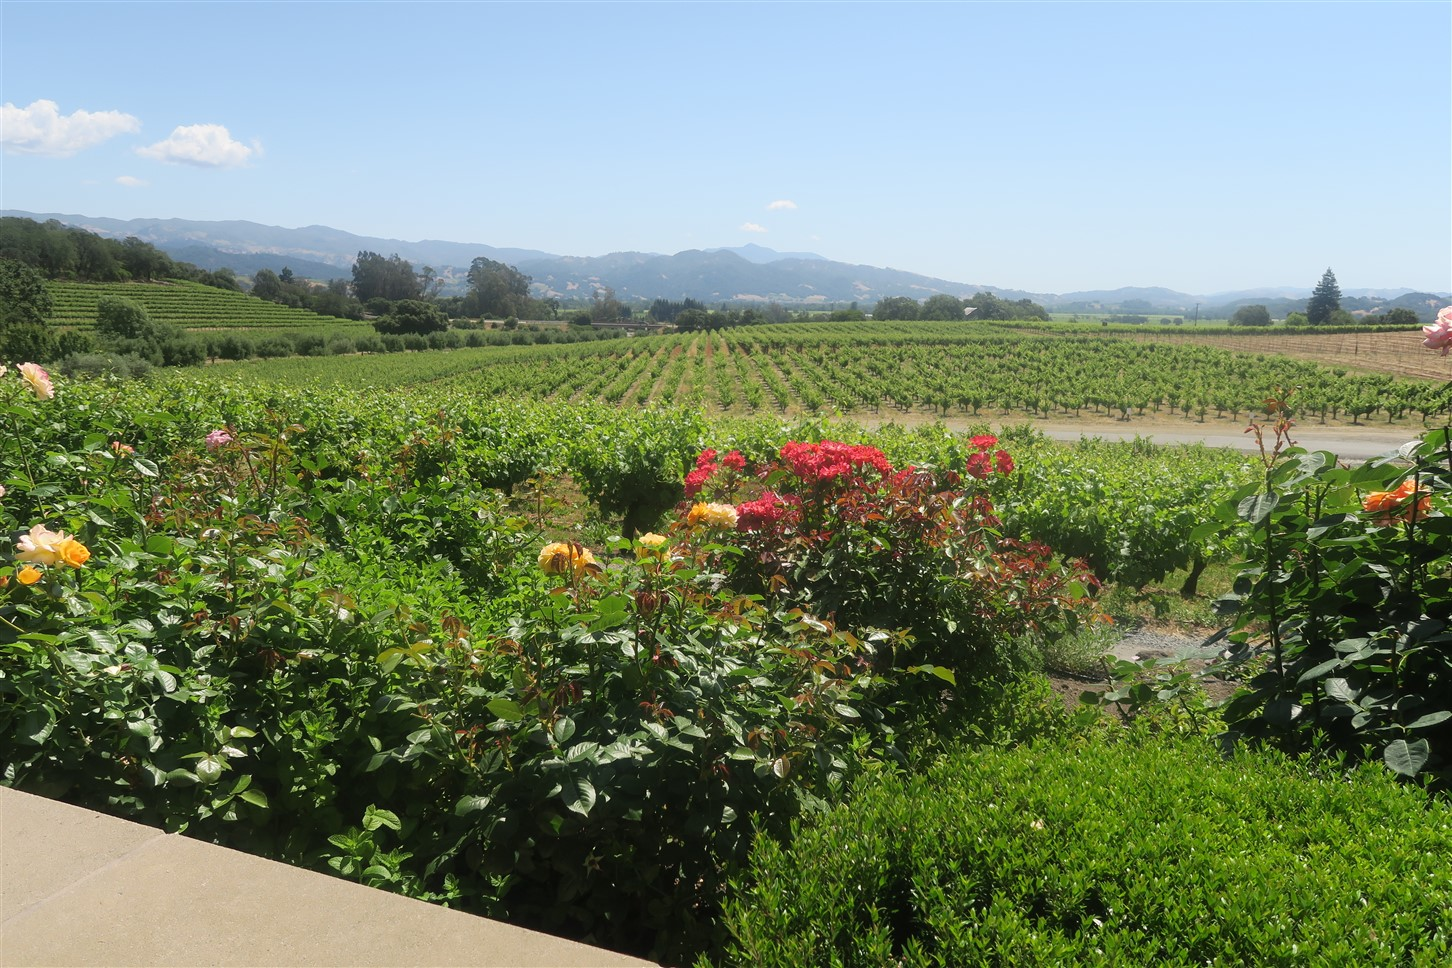 2016 05 26 4 Geyserville CA Coppolla Winery.jpg